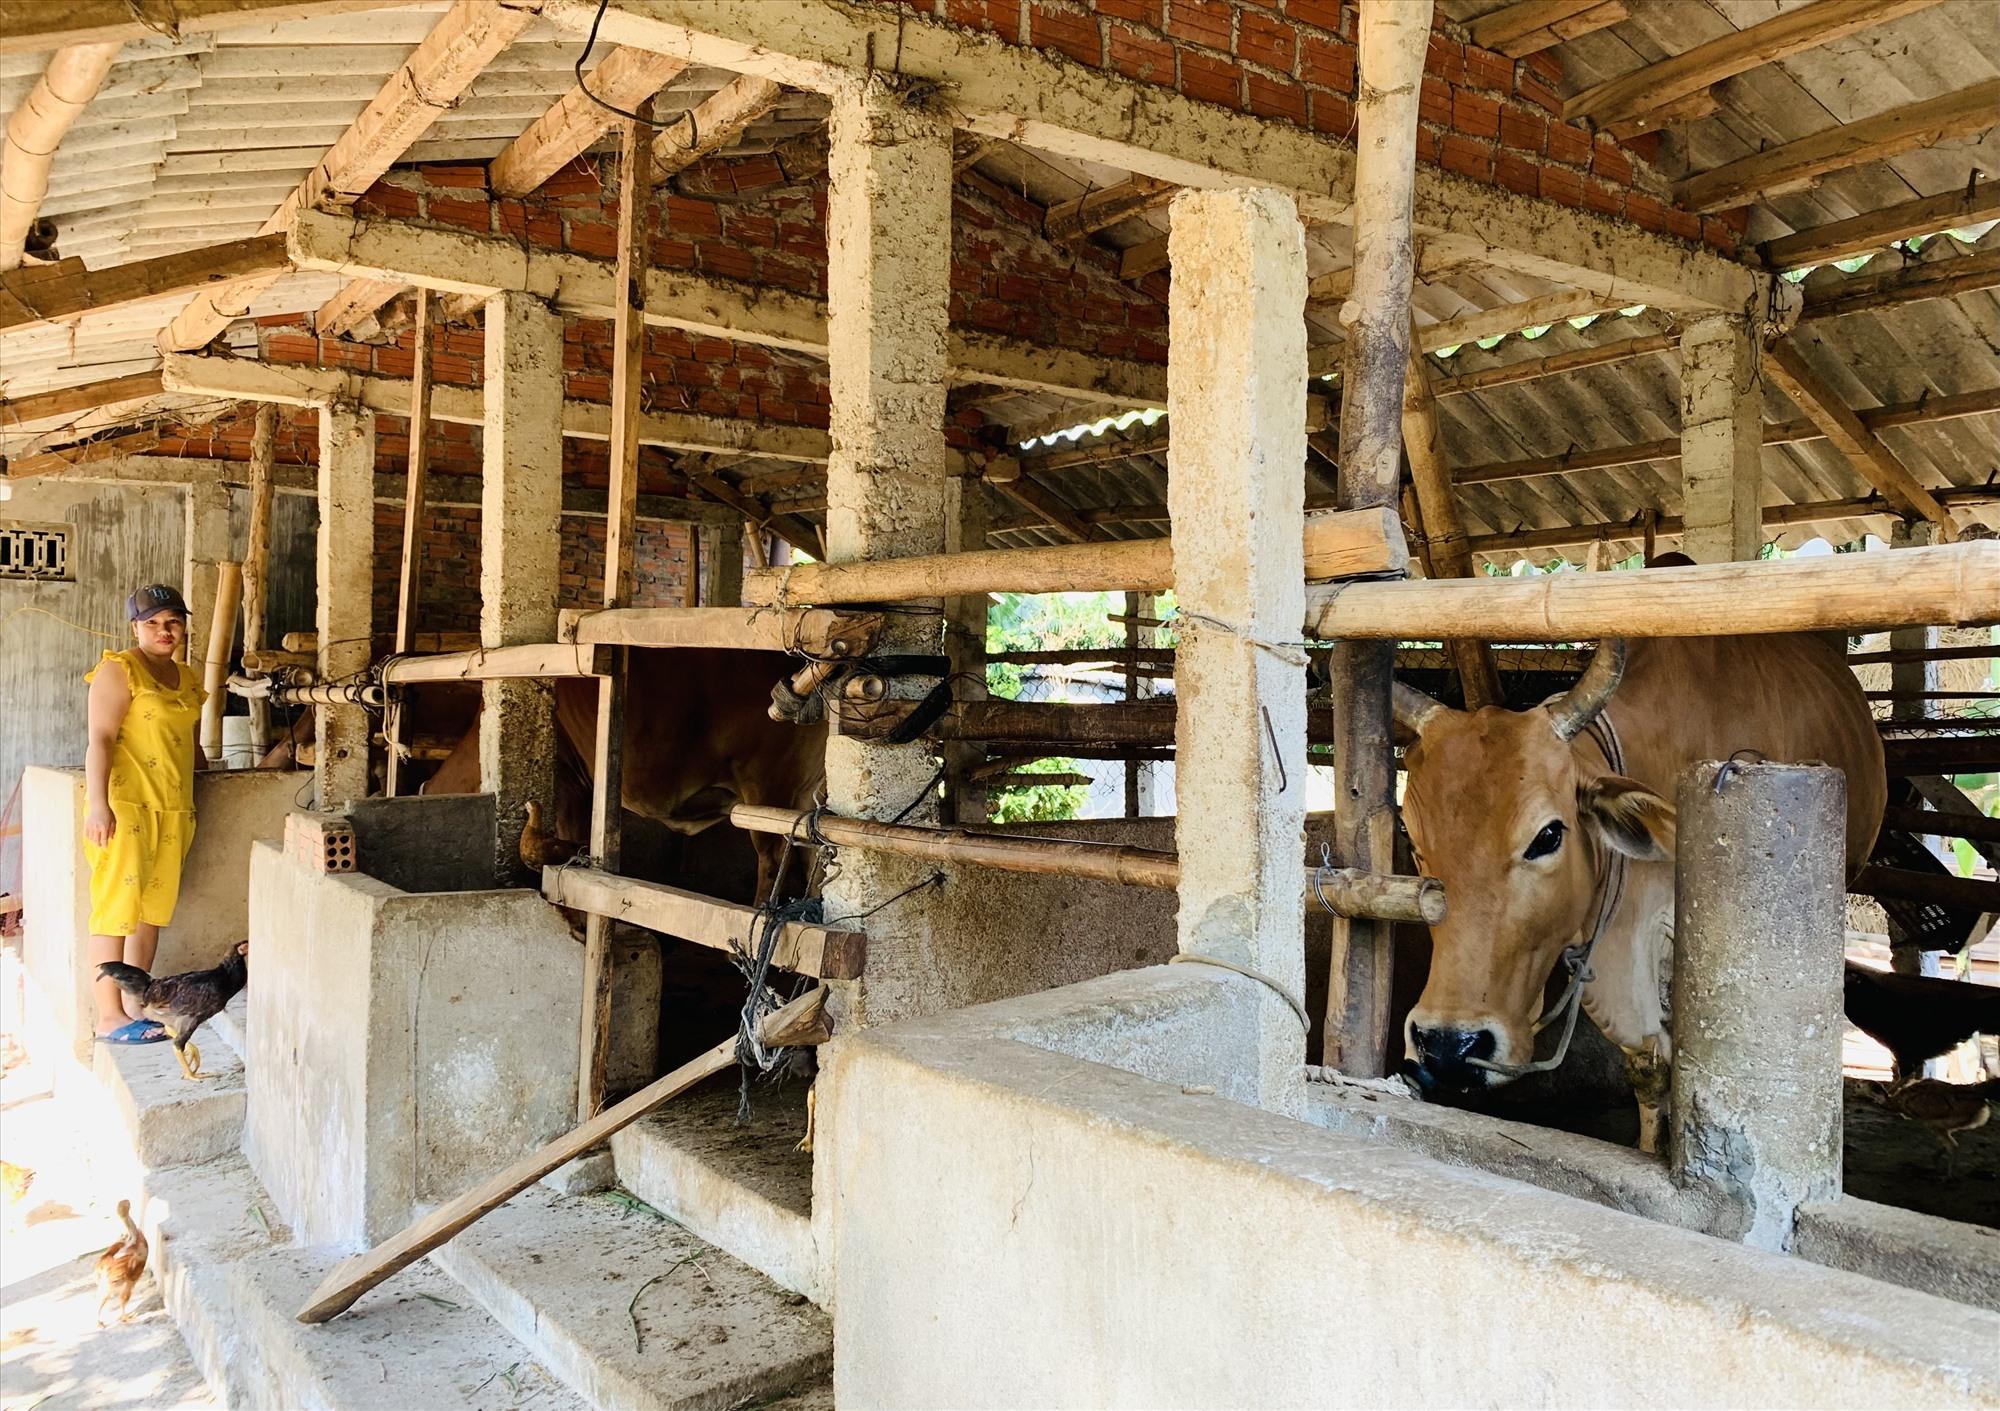 Nhiều hộ dân ở Duy Xuyên phát triển mô hình chăn nuôi bò thâm canh mang lại hiệu quả kinh tế cao. Ảnh: T.P